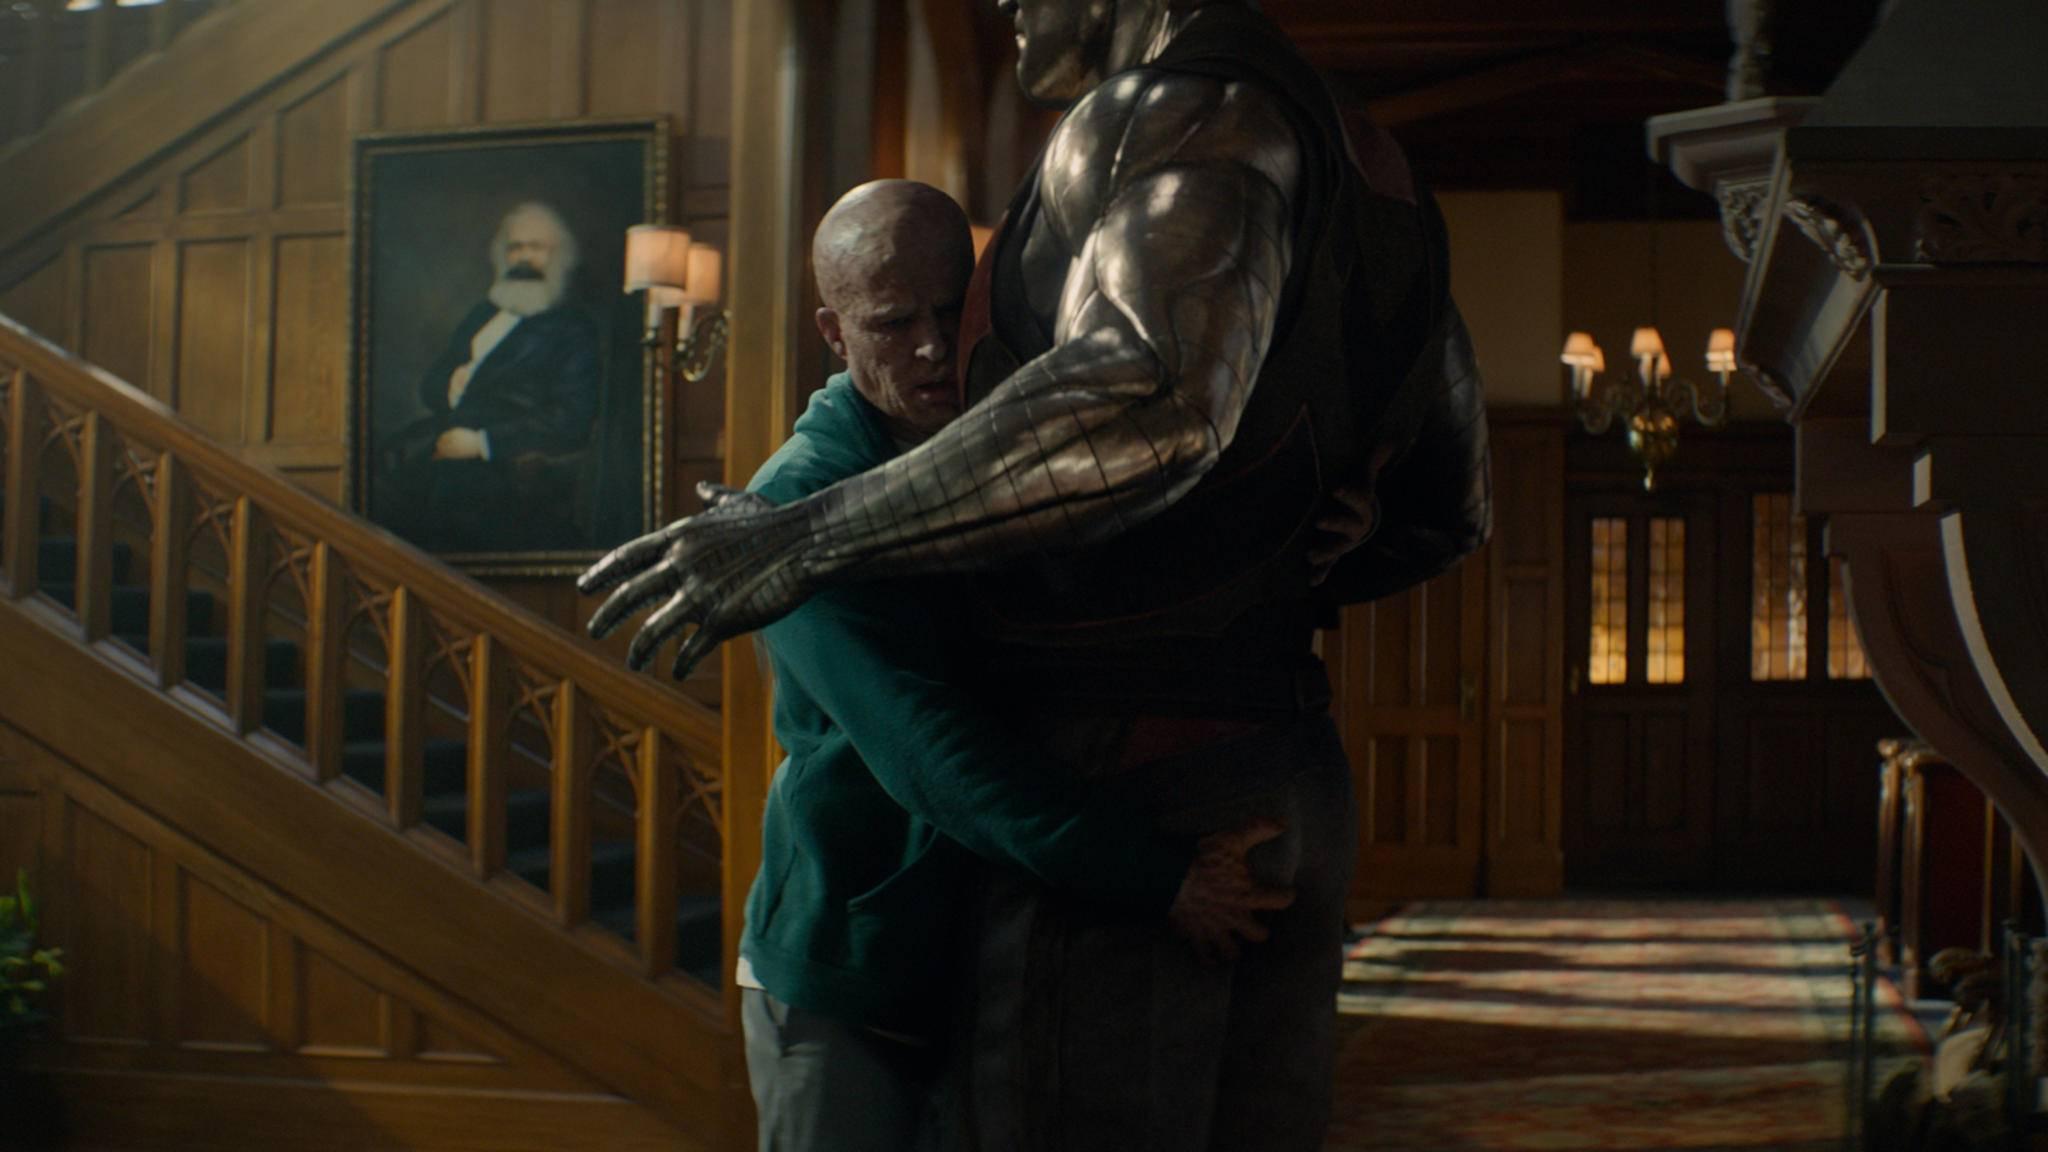 Wir brauchen eine Umarmung: Wann Deadpool auf die Leinwand zurückkehrt ist noch immer völlig unklar.